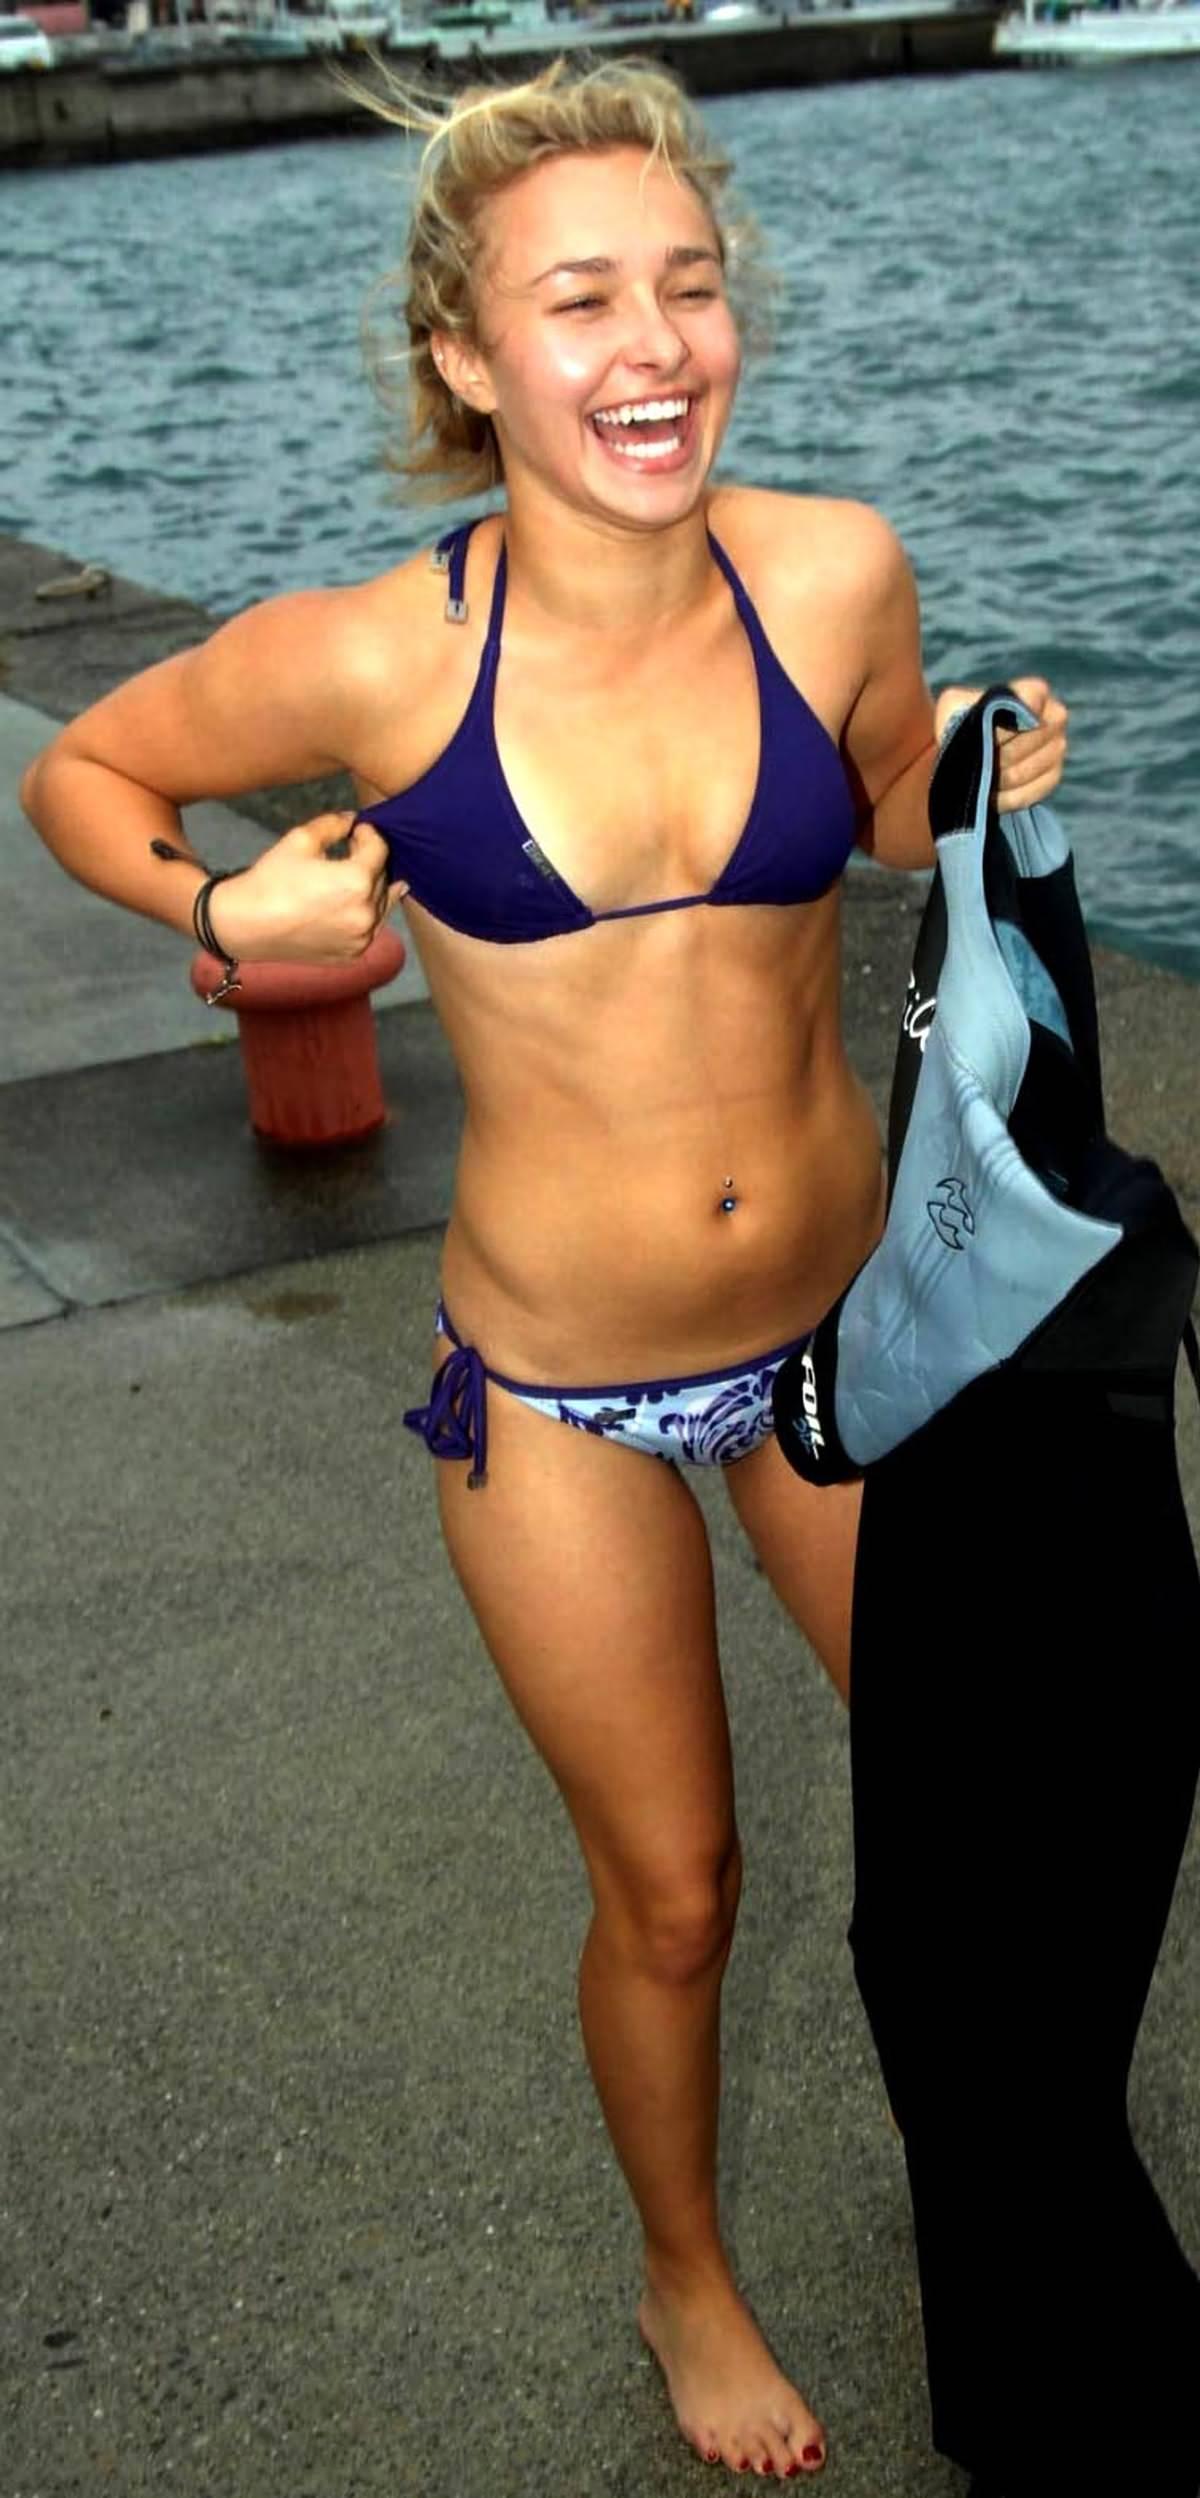 Hayden Panettiere desnuda, la actriz de Hroes nueva